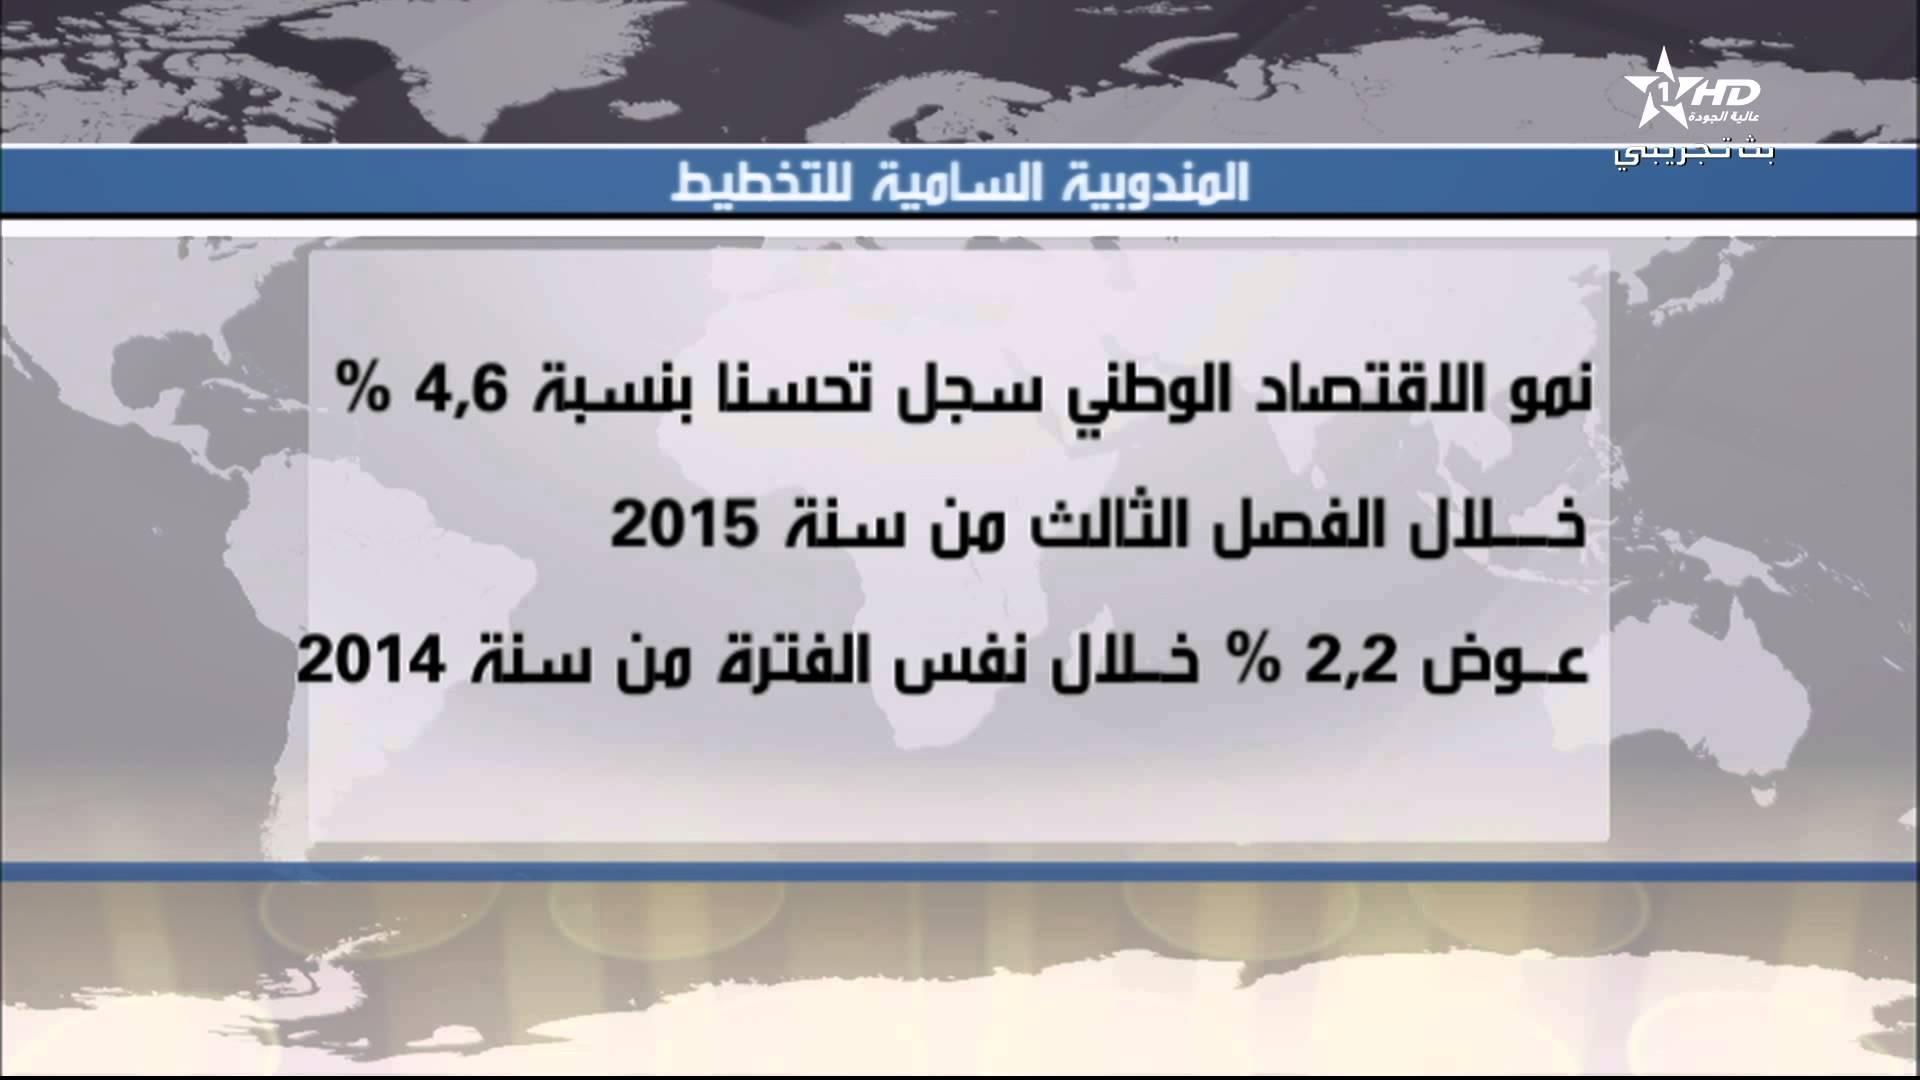 تطور نمو الاقتصاد الوطني خلال سنة 2015